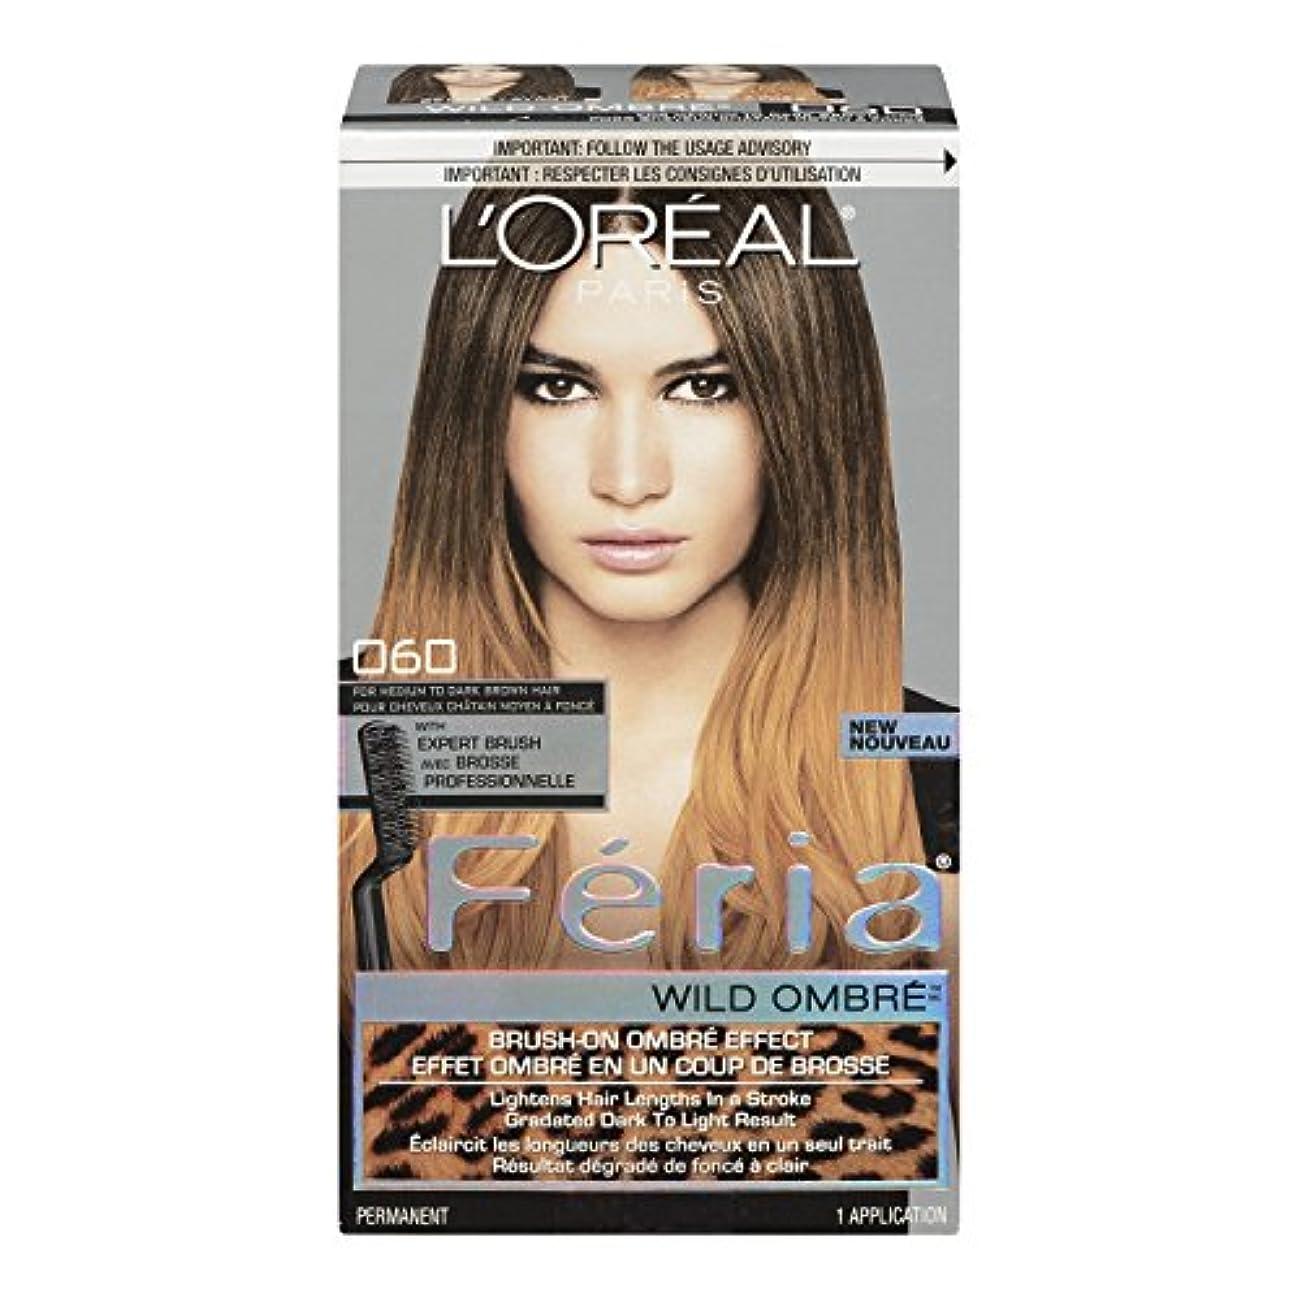 変化に応じて同等のL'Oreal Feria Wild Ombre Hair Color, O60 Medium to Dark Brown by L'Oreal Paris Hair Color [並行輸入品]